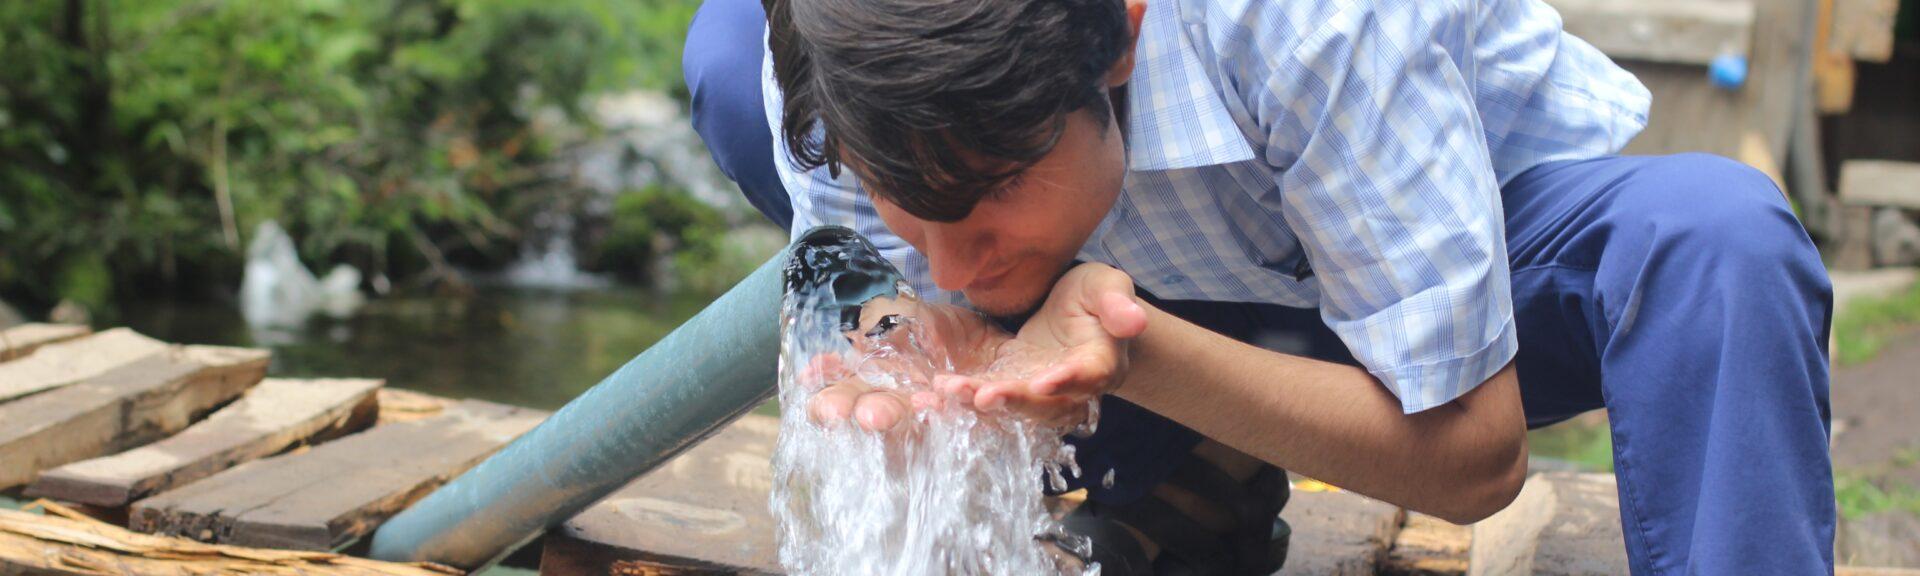 Une personne mettant en oeuvre son droit à l'eau